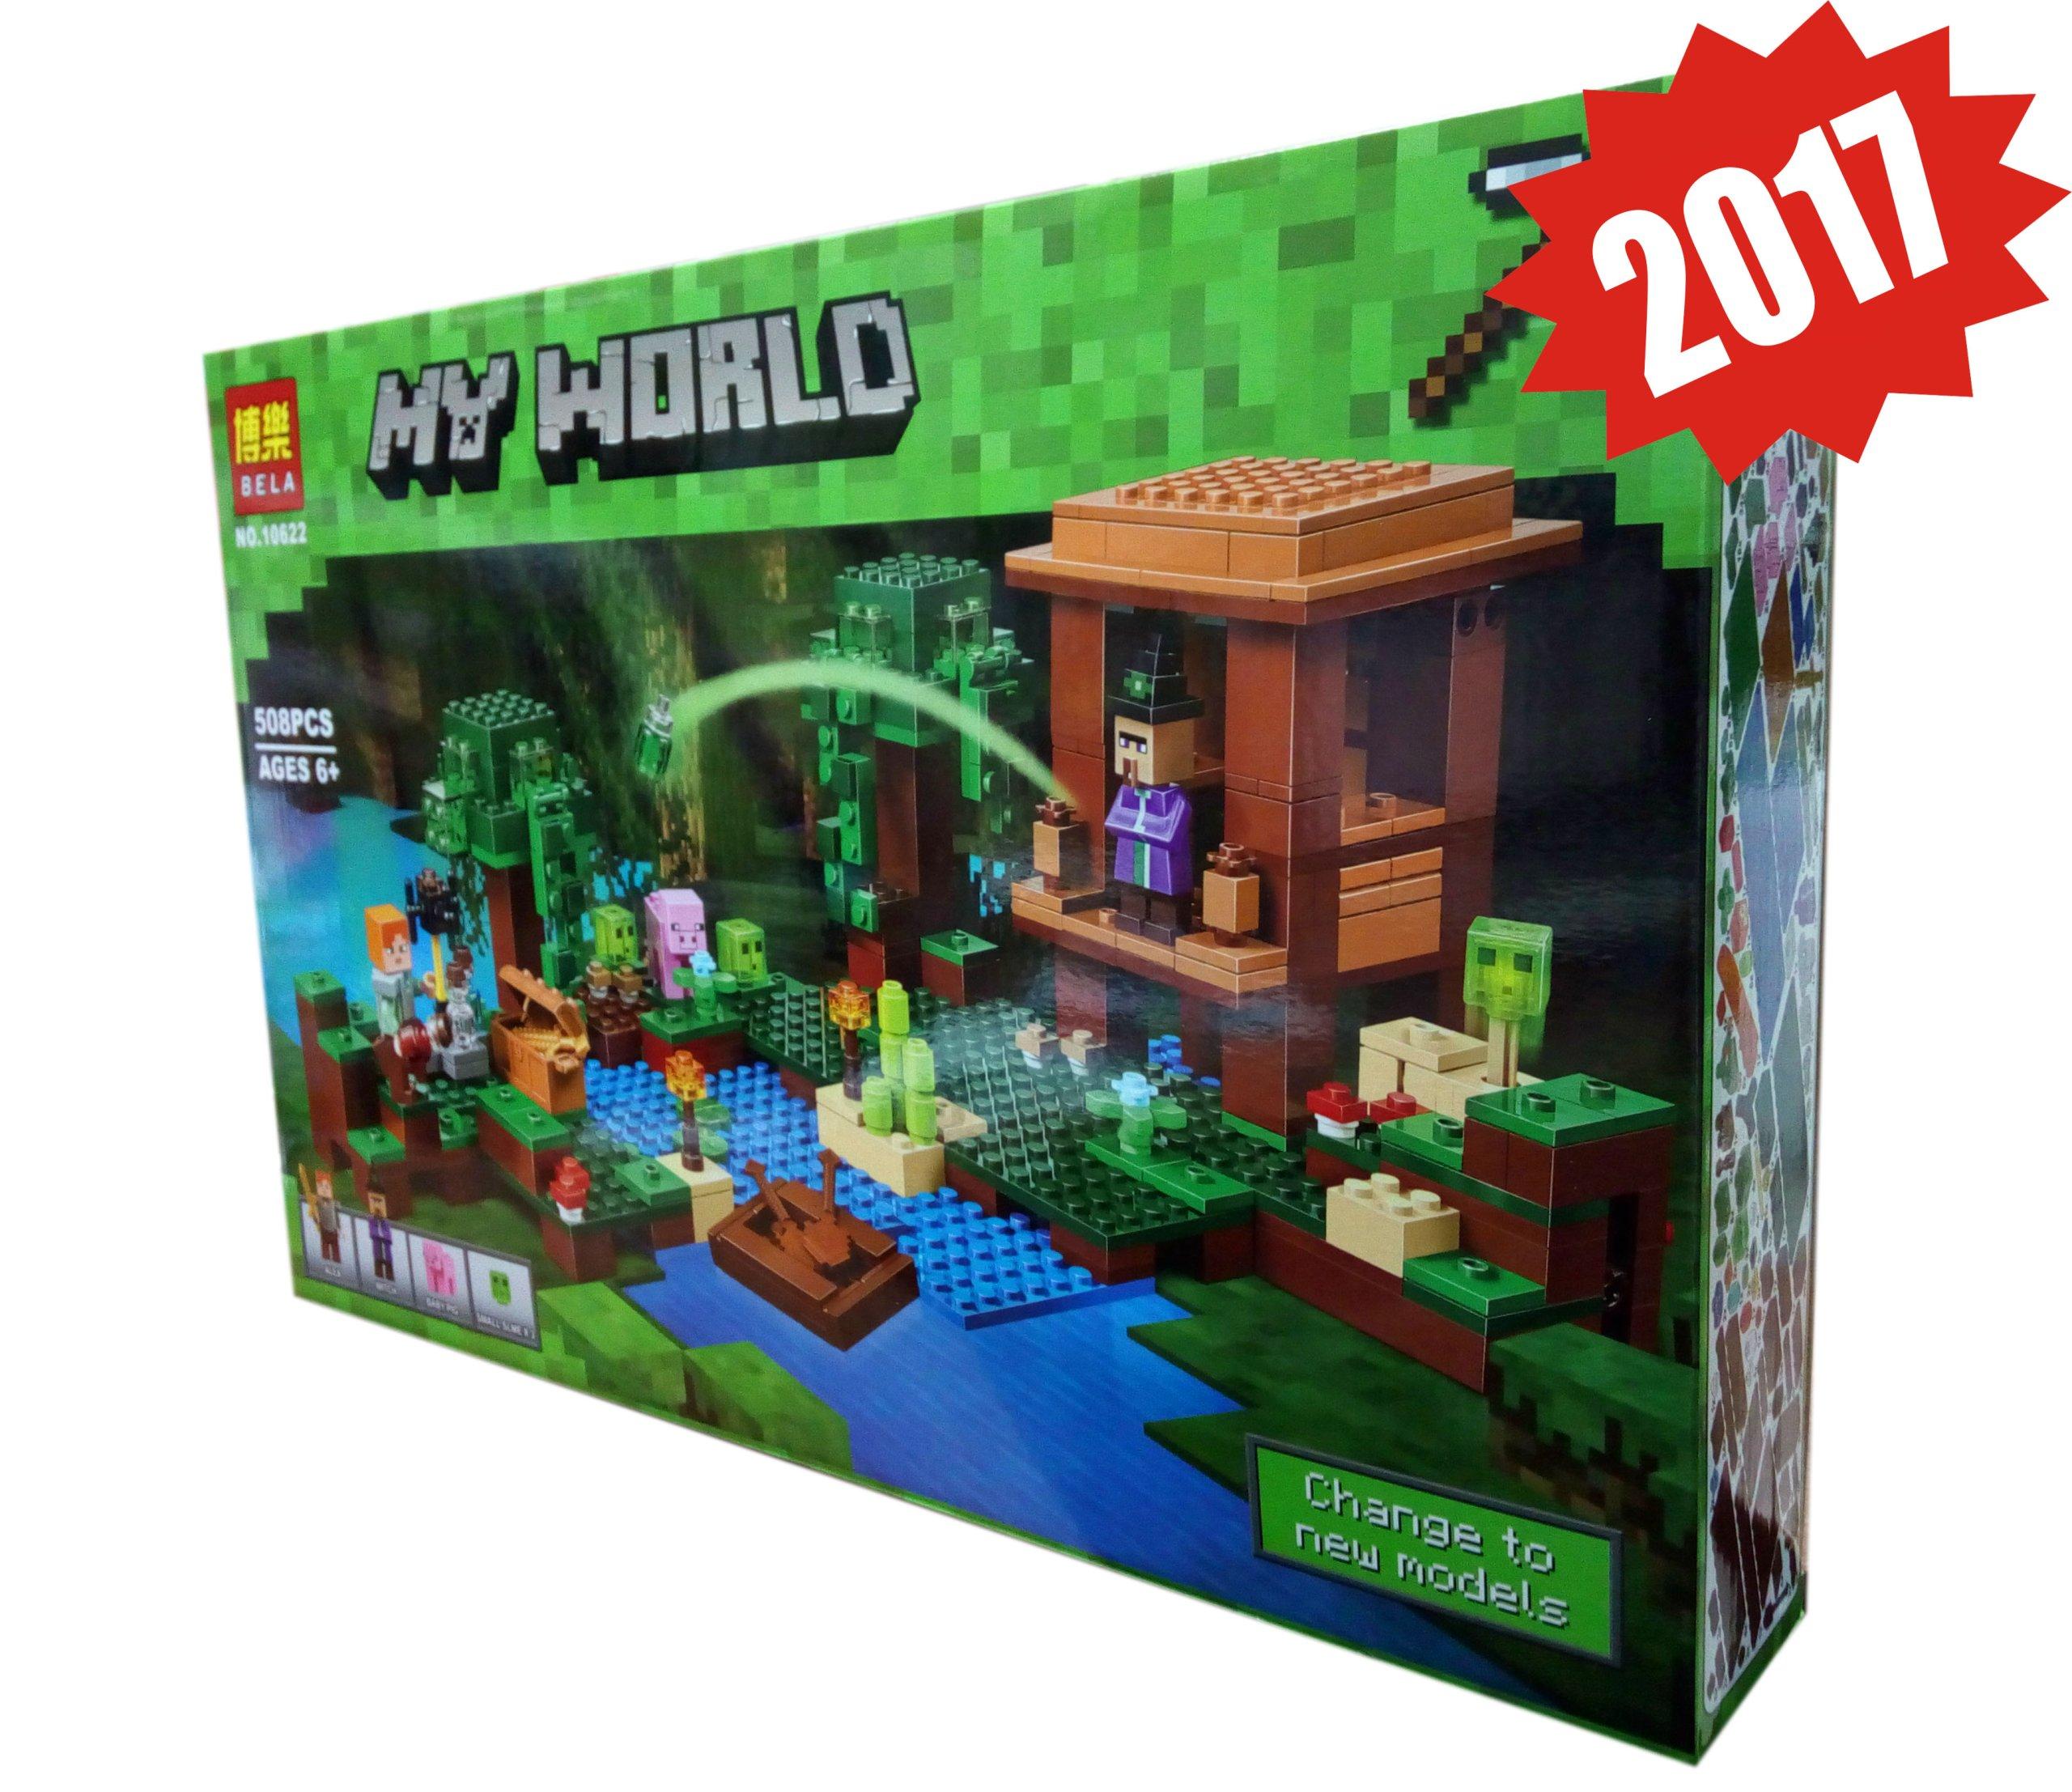 Minecraft Klocki Bela Nowe 508 Ele Karta Lego 7081337563